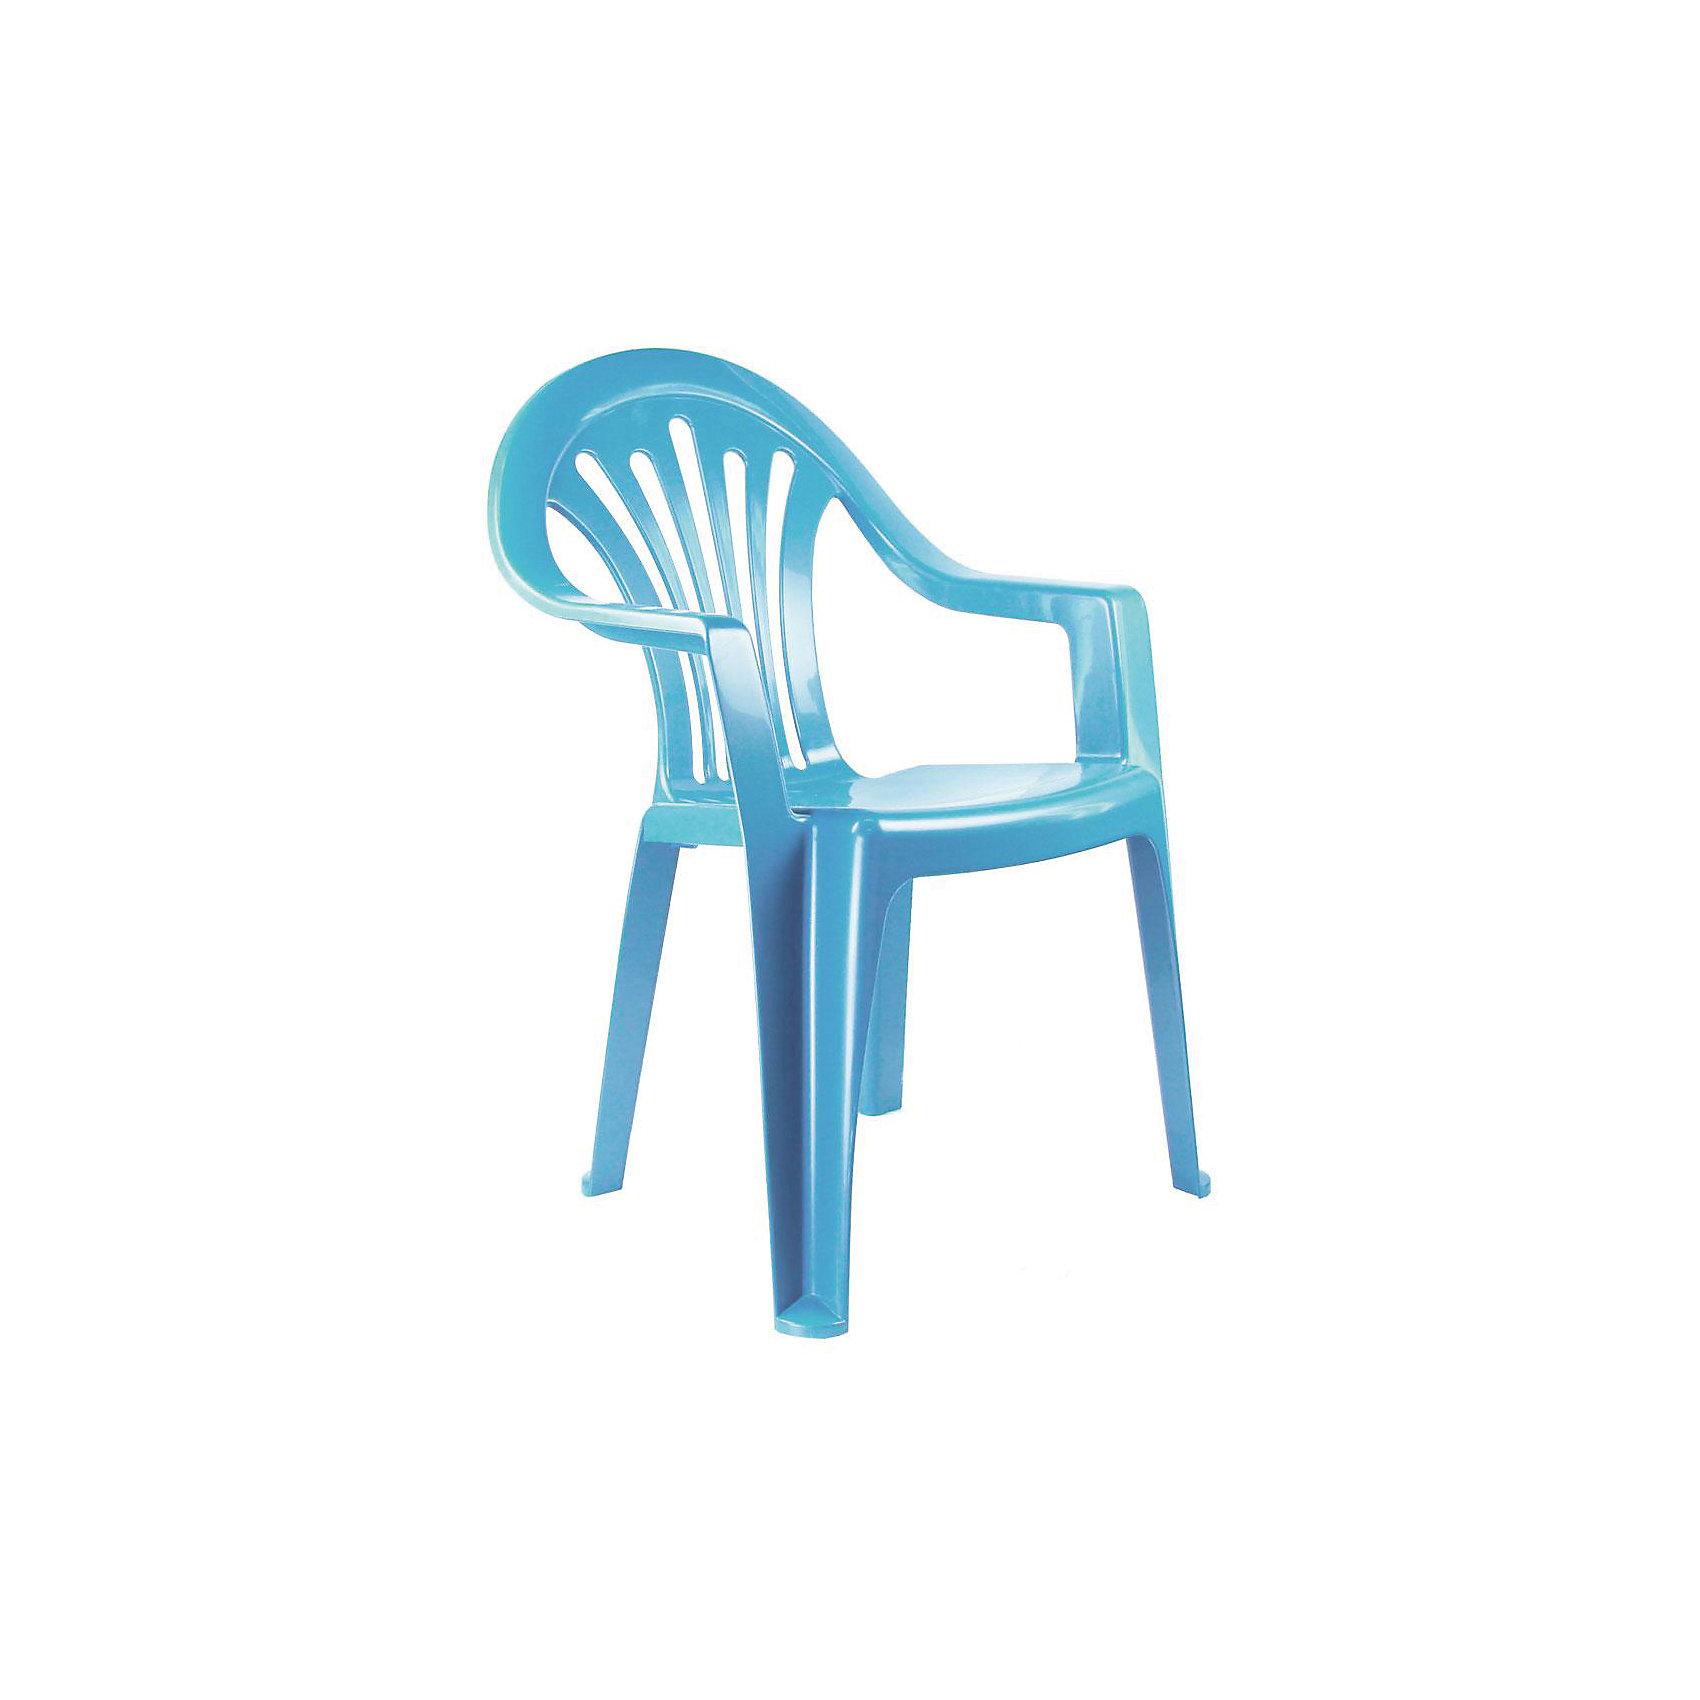 Кресло детское, Alternativa, голубойМебель<br>Характеристики:<br><br>• Предназначение: для дома, для дачи<br>• Пол: для мальчика<br>• Материал: пластик<br>• Цвет: голубой<br>• Размер (Д*Ш*В): 37*57*35 см<br>• Вес: 850 г<br>• Особенности ухода: разрешается мыть теплой водой<br><br>Кресло детское, Alternativa, голубой изготовлено отечественным производителем ООО ЗПИ Альтернатива, который специализируется на выпуске широкого спектра изделий из пластика. Стульчик выполнен из безопасного нетоксичного, но прочного пластика. Он имеет устойчивую форму за счет широко расставленных ножек. Для удобства предусмотрена широкая и высокая спинка, а также подлокотники. Стульчик имеет компактную форму и легкий вес, поэтому его удобно использовать не только дома, но и на даче. Стульчик предназначен для детей, которые уже умеют уверенно сидеть, его можно использовать для кормления или занятий за столом. Стульчик имеет яркую окраску и декор на спинке.<br><br>Кресло детское, Alternativa, голубой можно купить в нашем интернет-магазине.<br><br>Ширина мм: 370<br>Глубина мм: 350<br>Высота мм: 570<br>Вес г: 760<br>Возраст от месяцев: -2147483648<br>Возраст до месяцев: 2147483647<br>Пол: Мужской<br>Возраст: Детский<br>SKU: 5096629